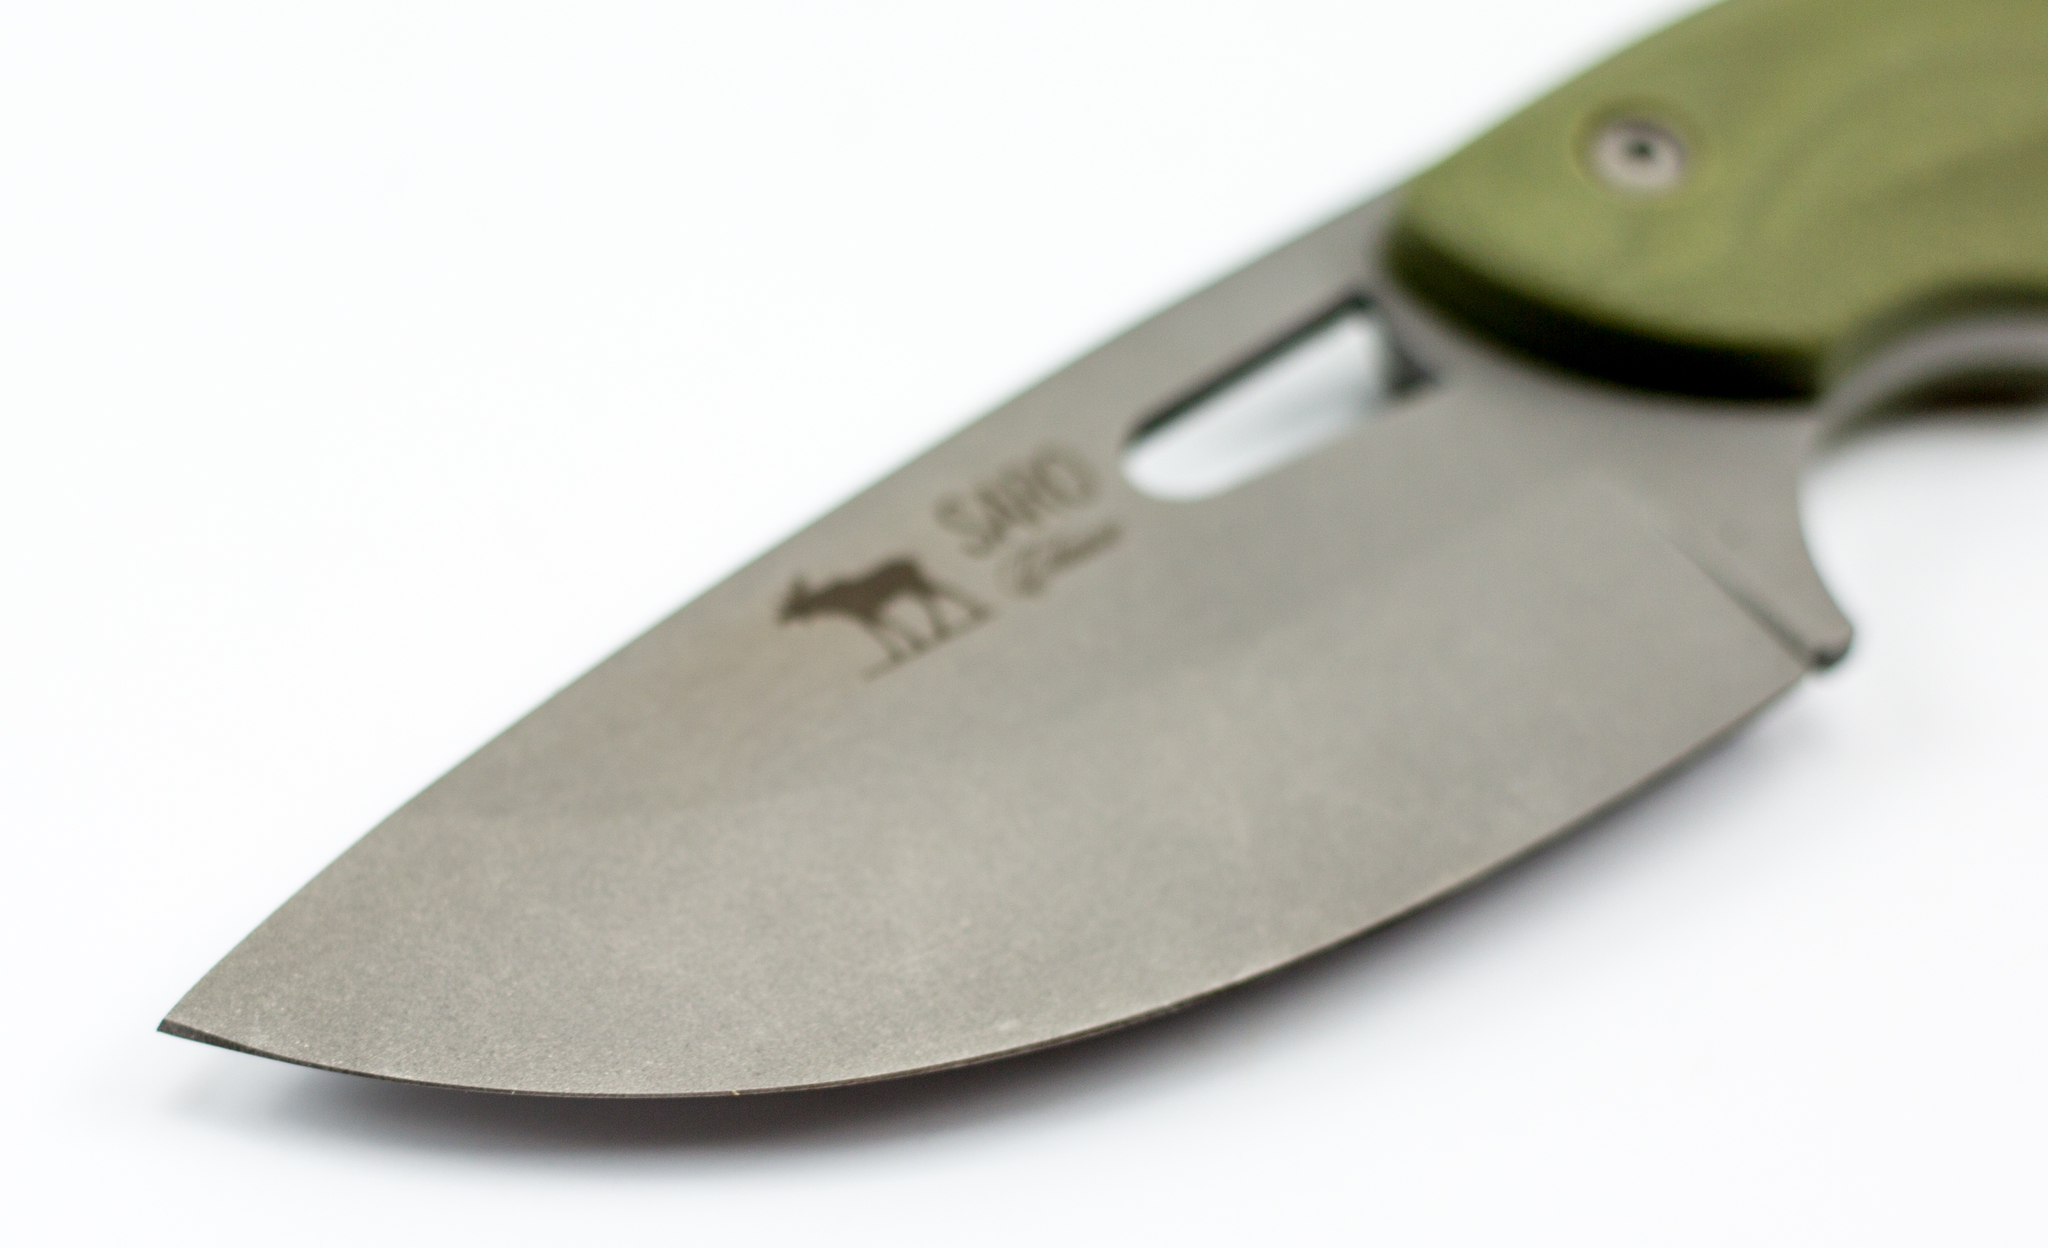 Фото 10 - Нож «Куница», хамелеон от САРО